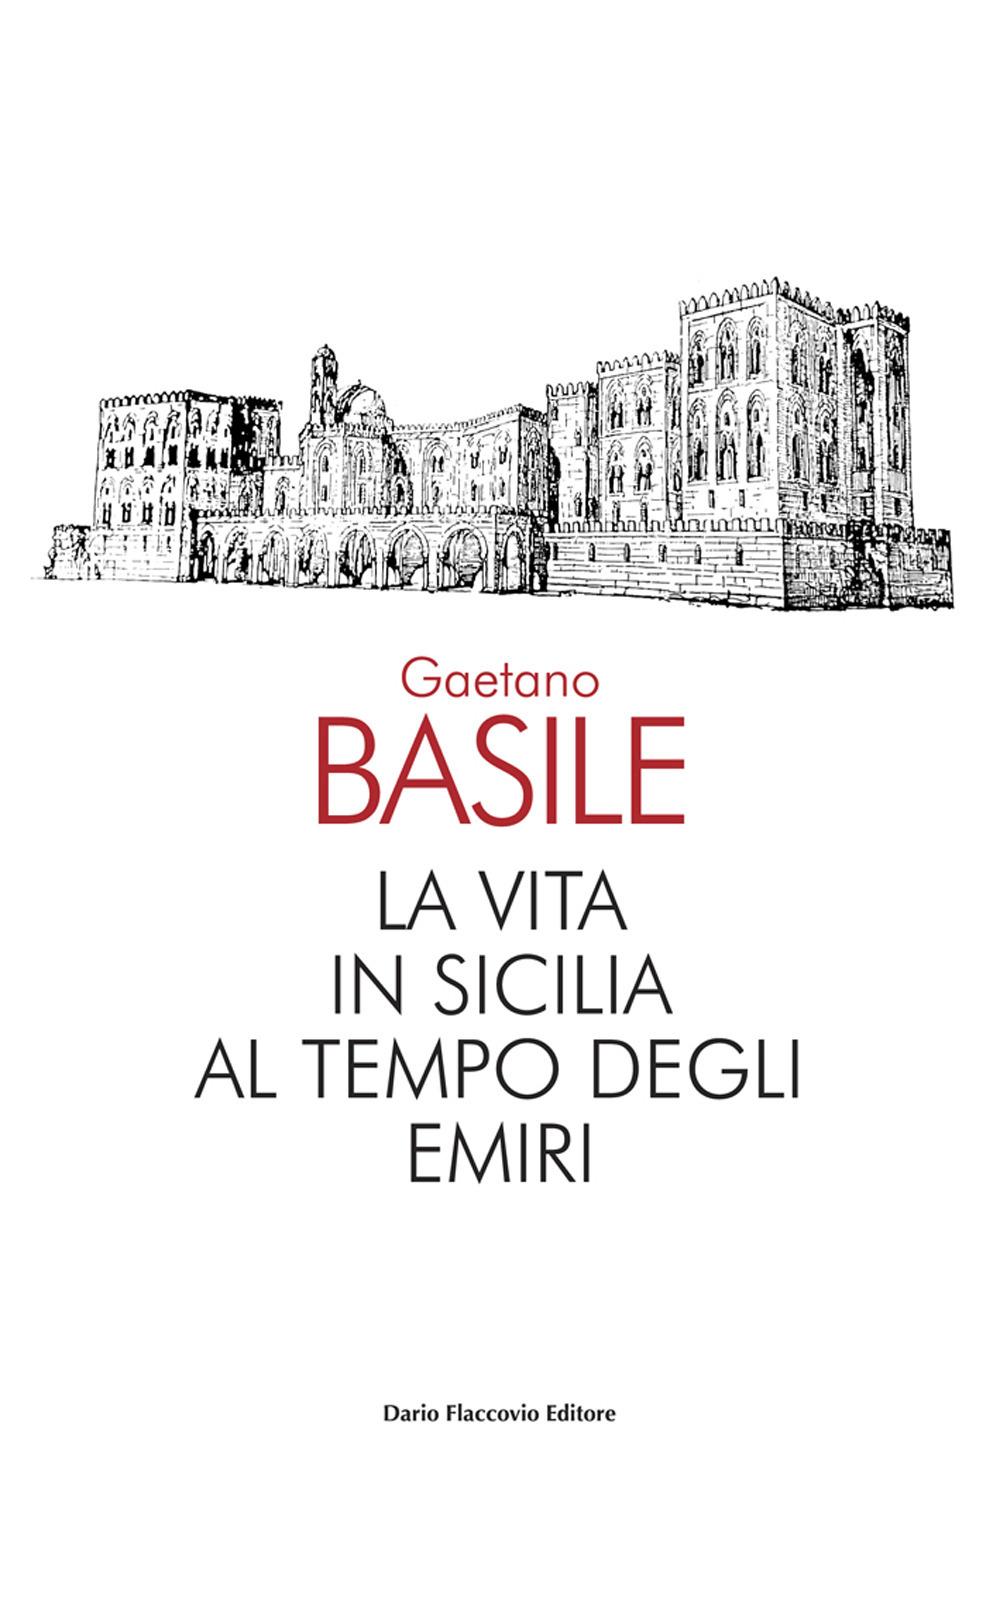 La vita in Sicilia al tempo degli emiri